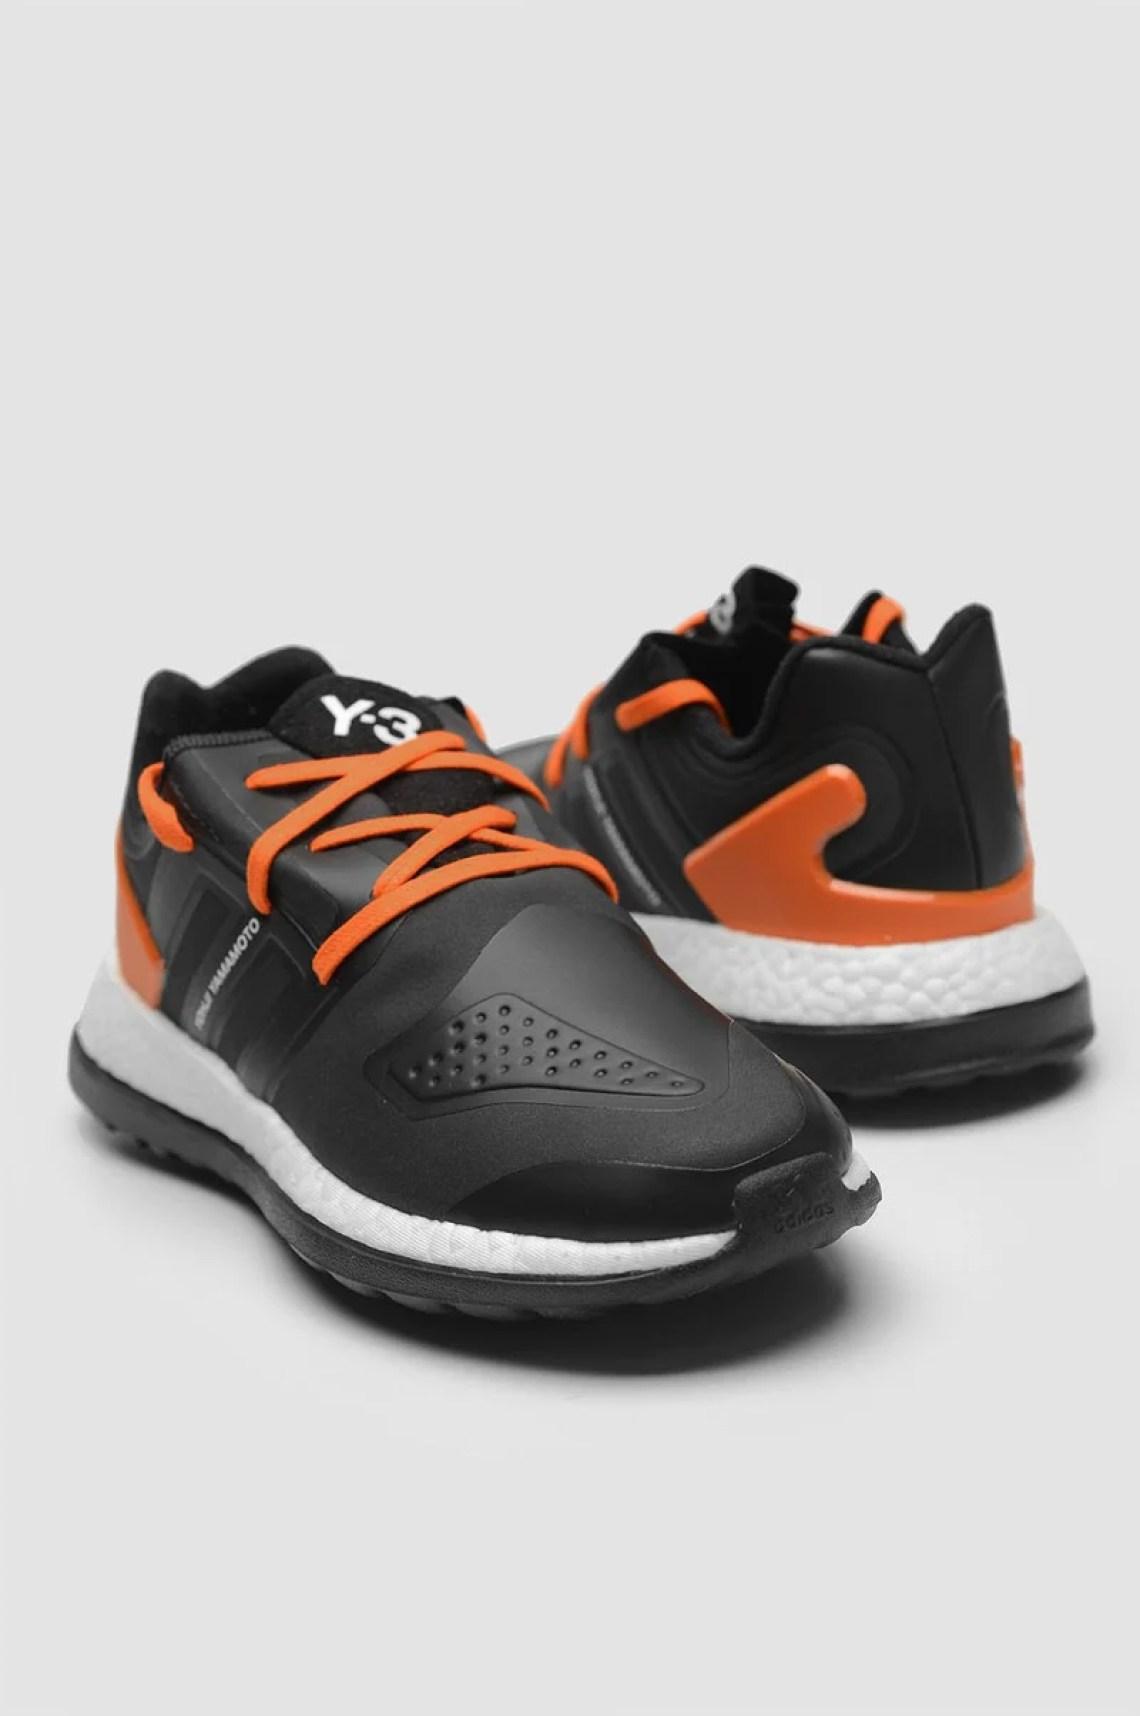 adidas Y-3 Pure Boost ZG Black/Orange